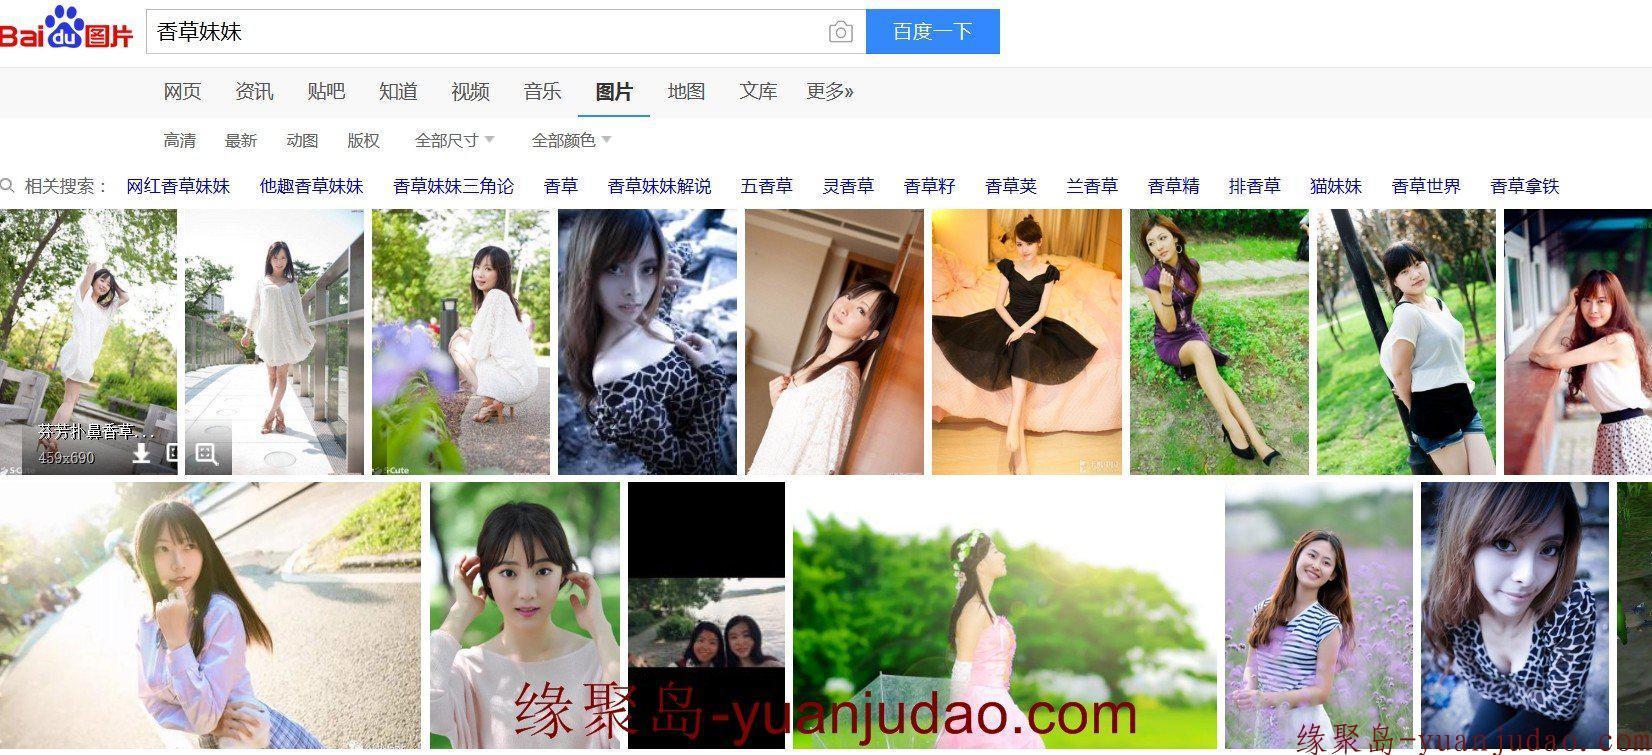 【啪啪指南】美女老师香草妹妹xing爱技巧视频教学